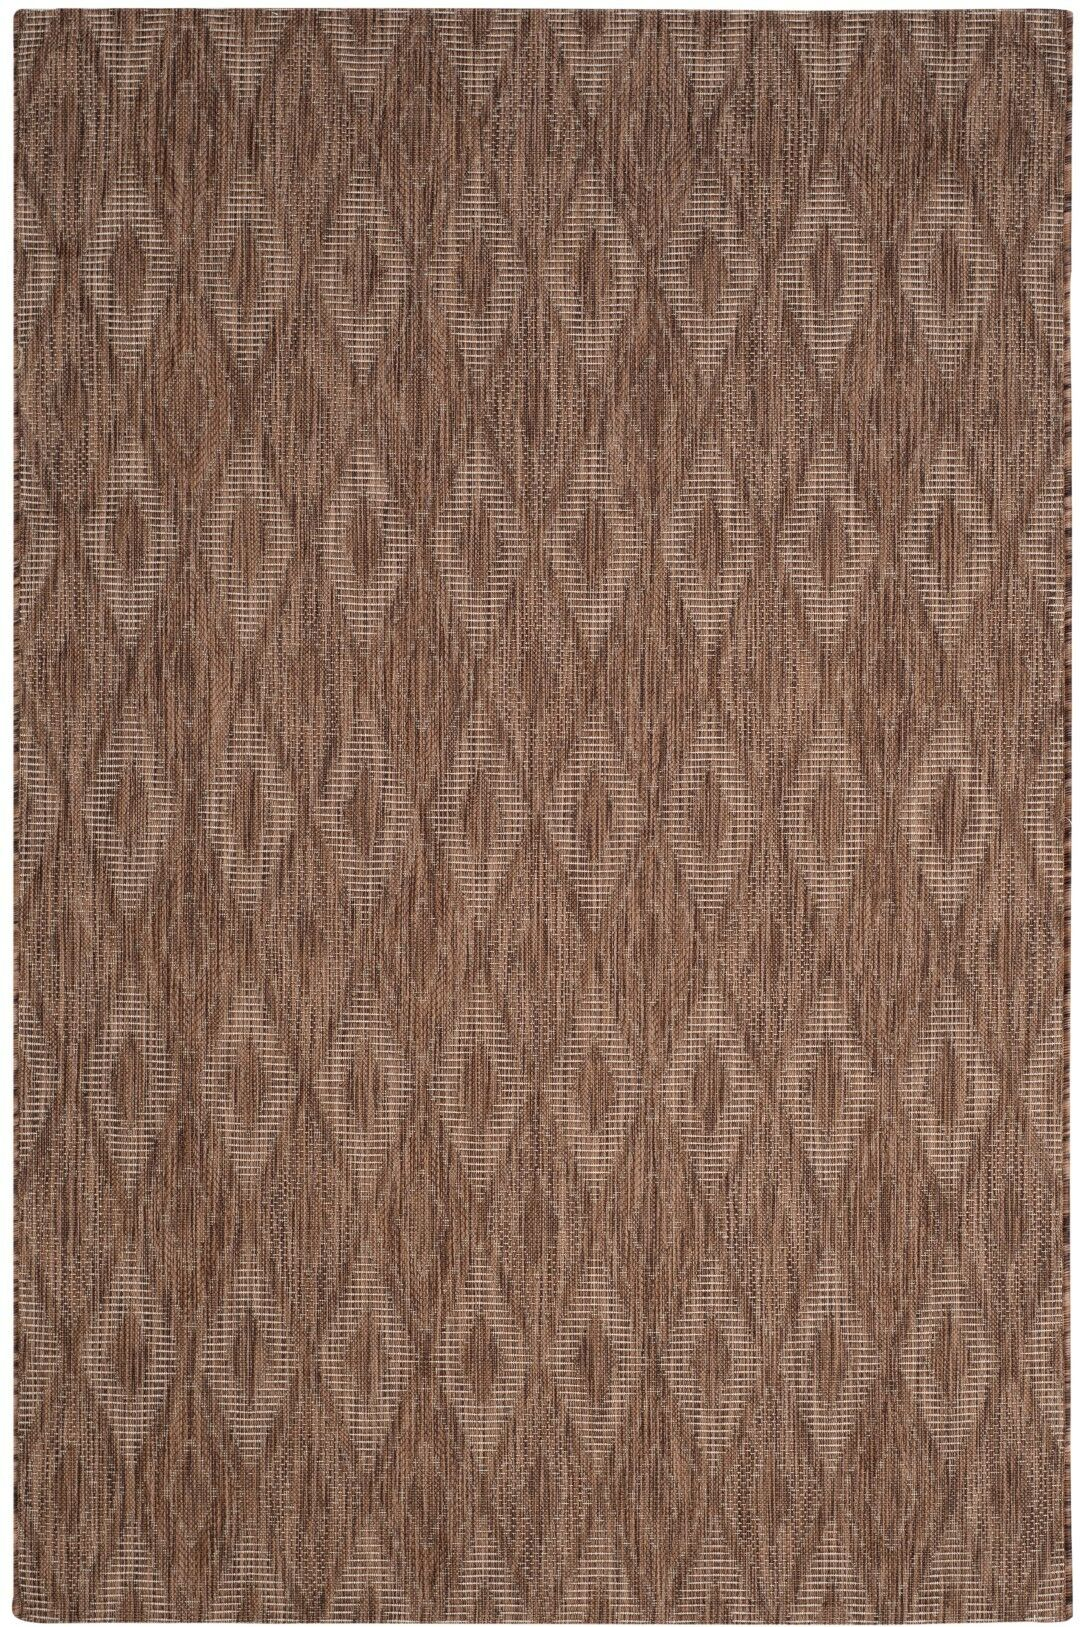 Brodie Brown Indoor/Outdoor Area Rug Rug Size: Rectangle 6'7